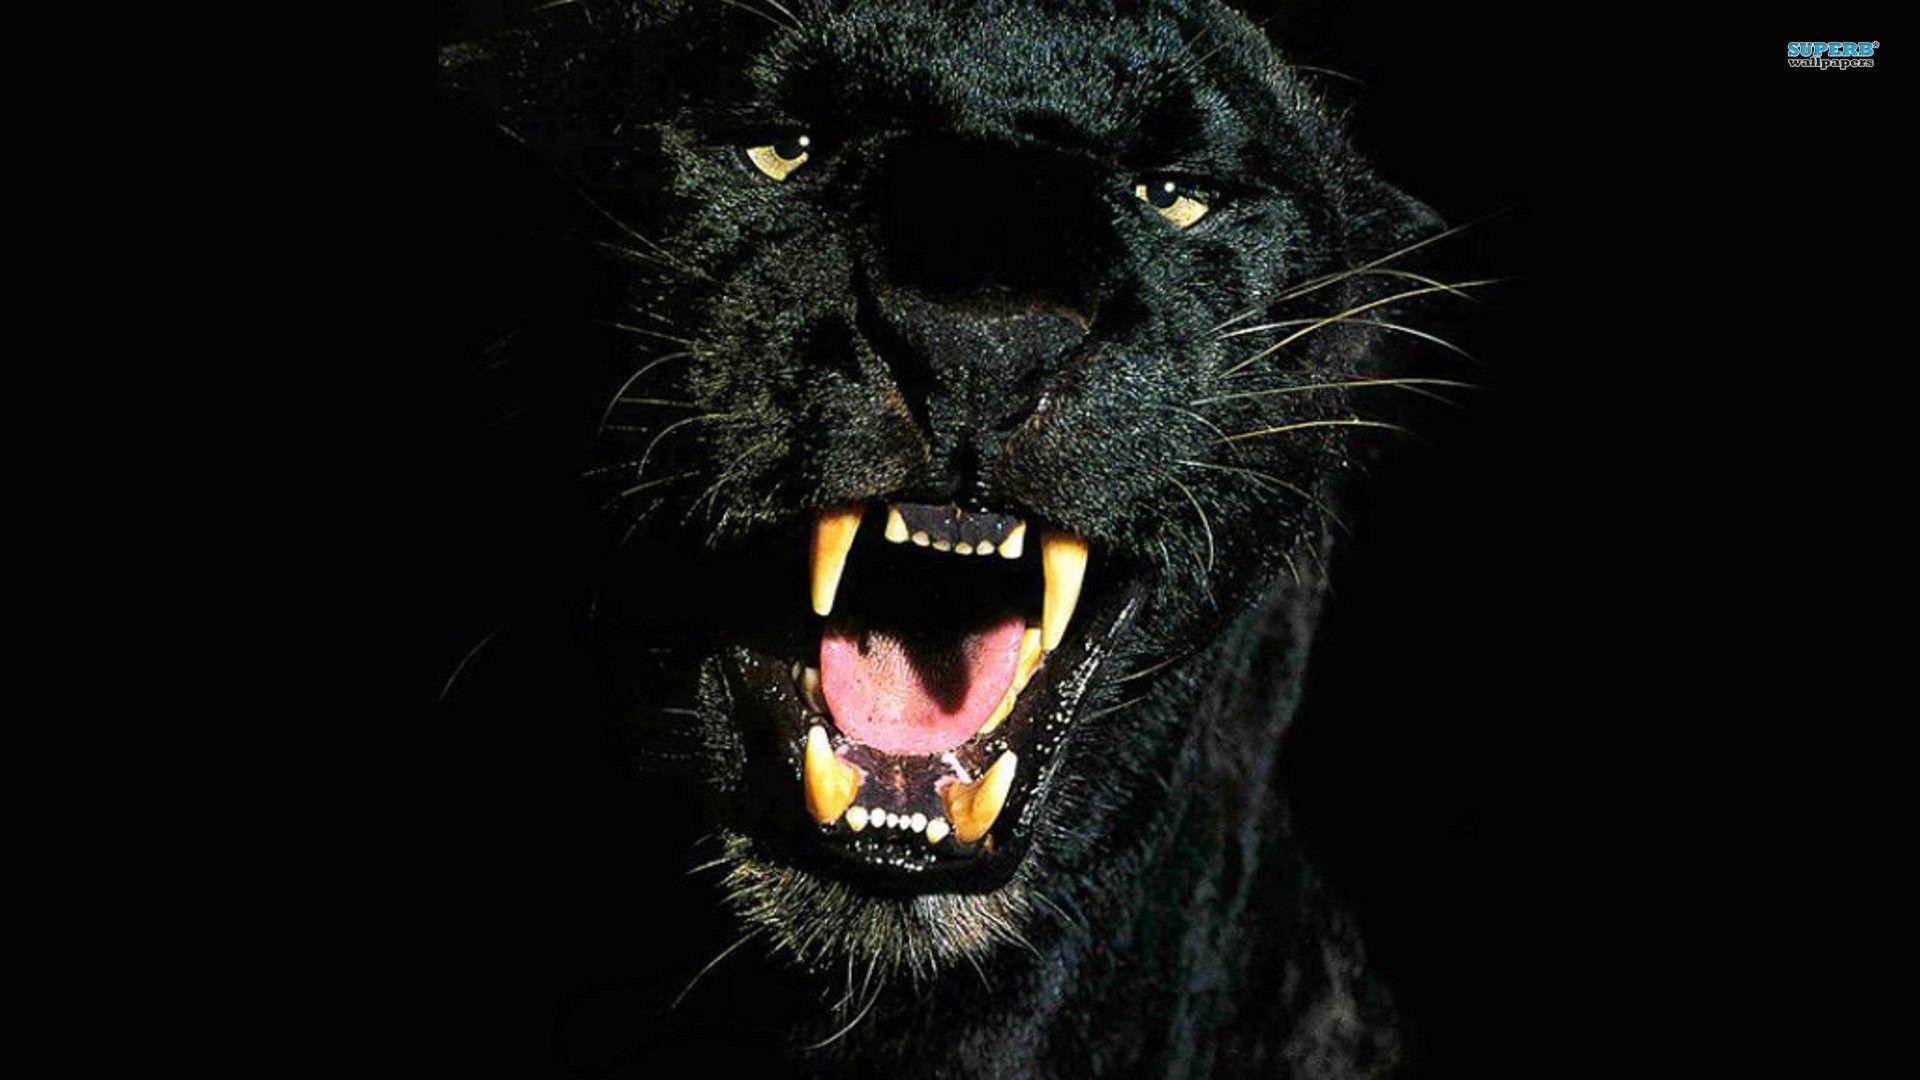 Black Cheetah 4k Wallpaper Black Jaguar Cheetah Wallpaper Black Jaguar Animal